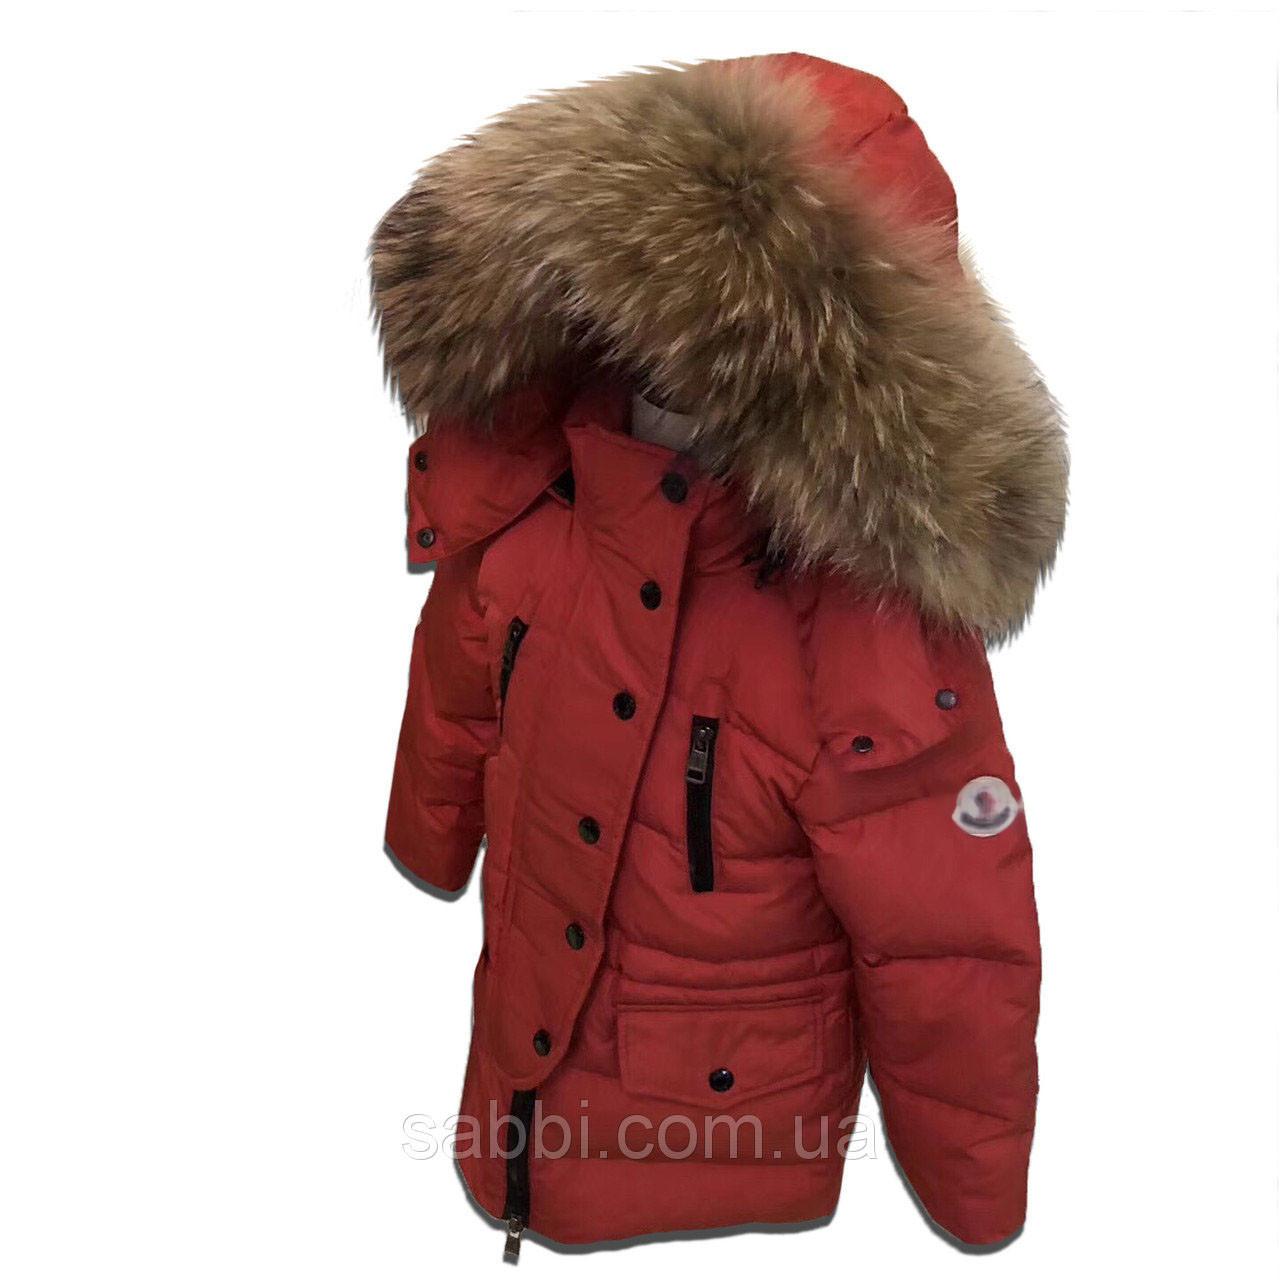 Куртка на мальчика Sabbi  удлиненная на пуху красная